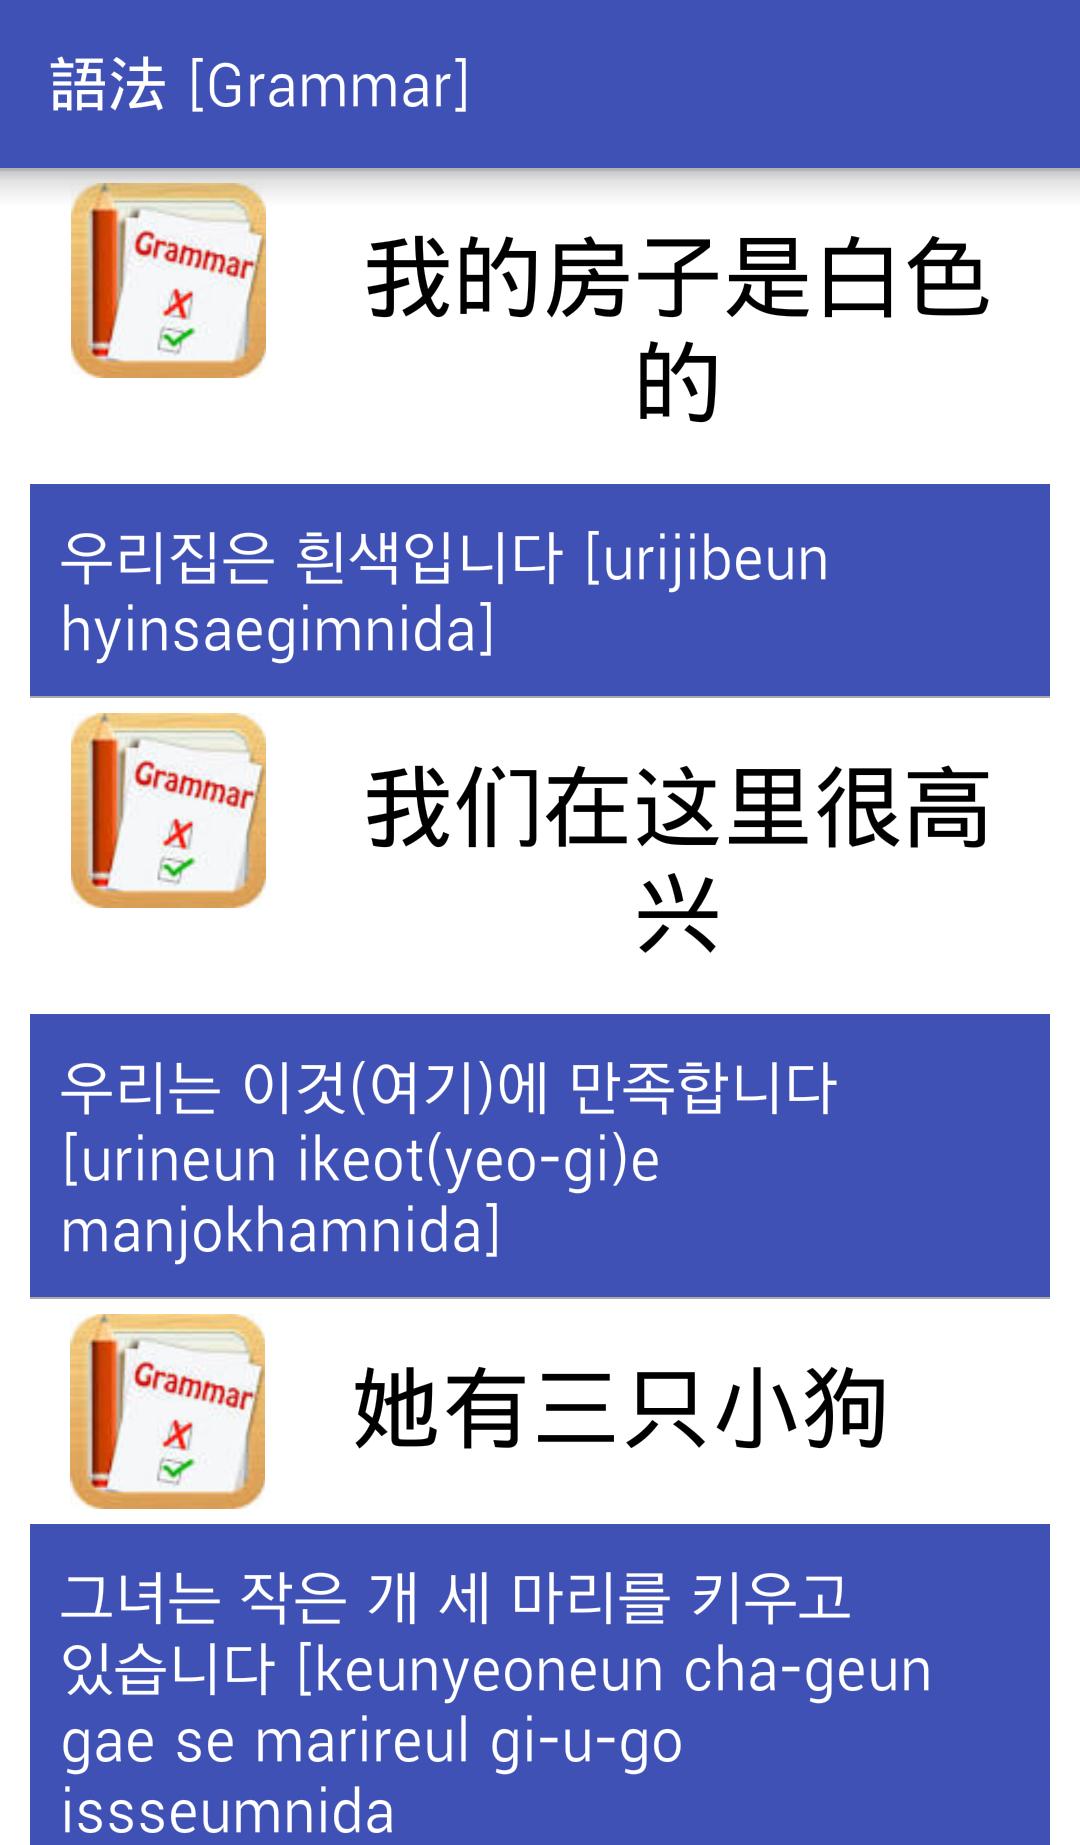 韓语易-应用截图